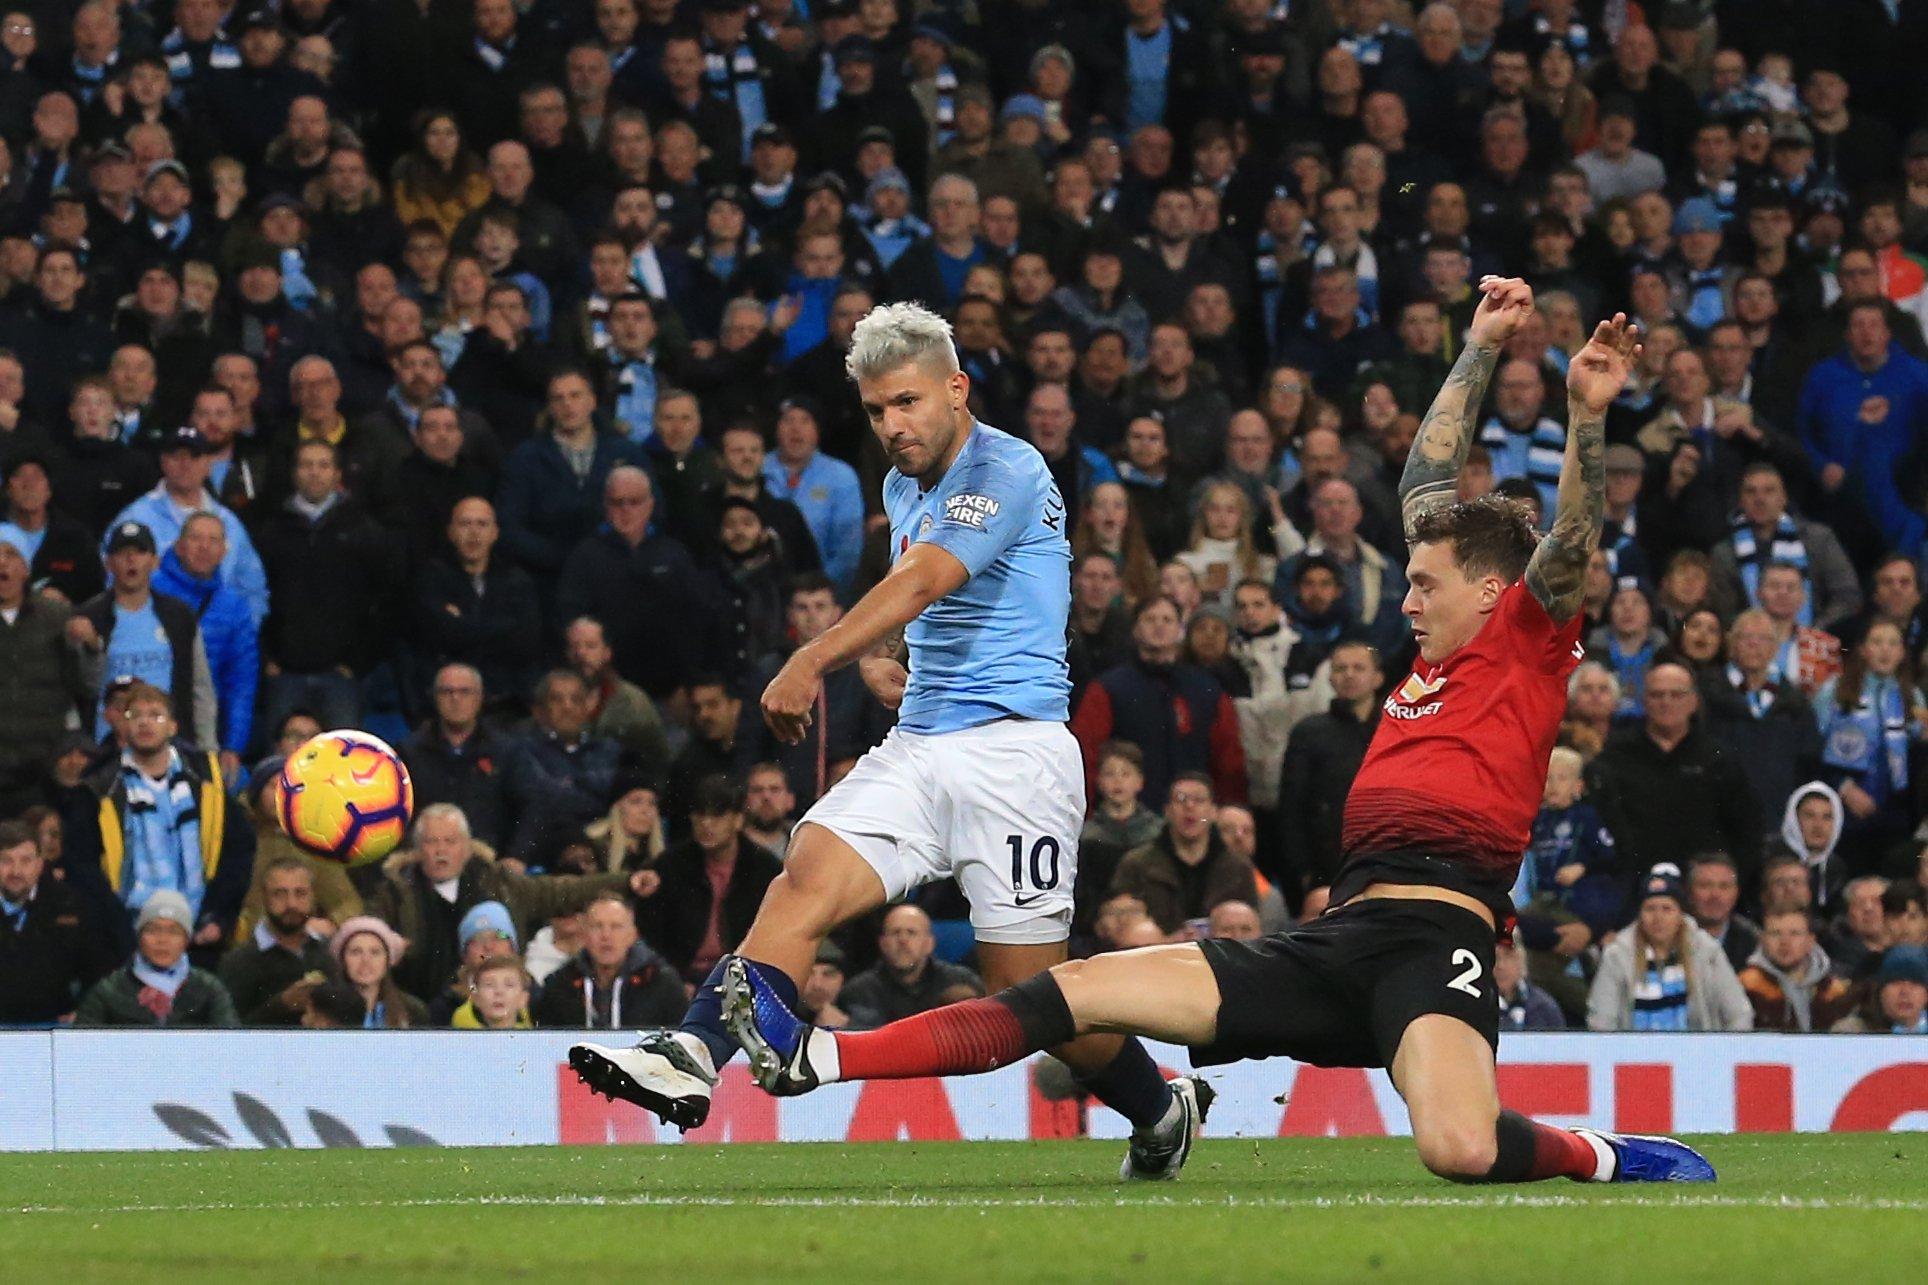 Man United - Man City : Enjeux et compositions probables du derby de Manchester ce soir à 18h45